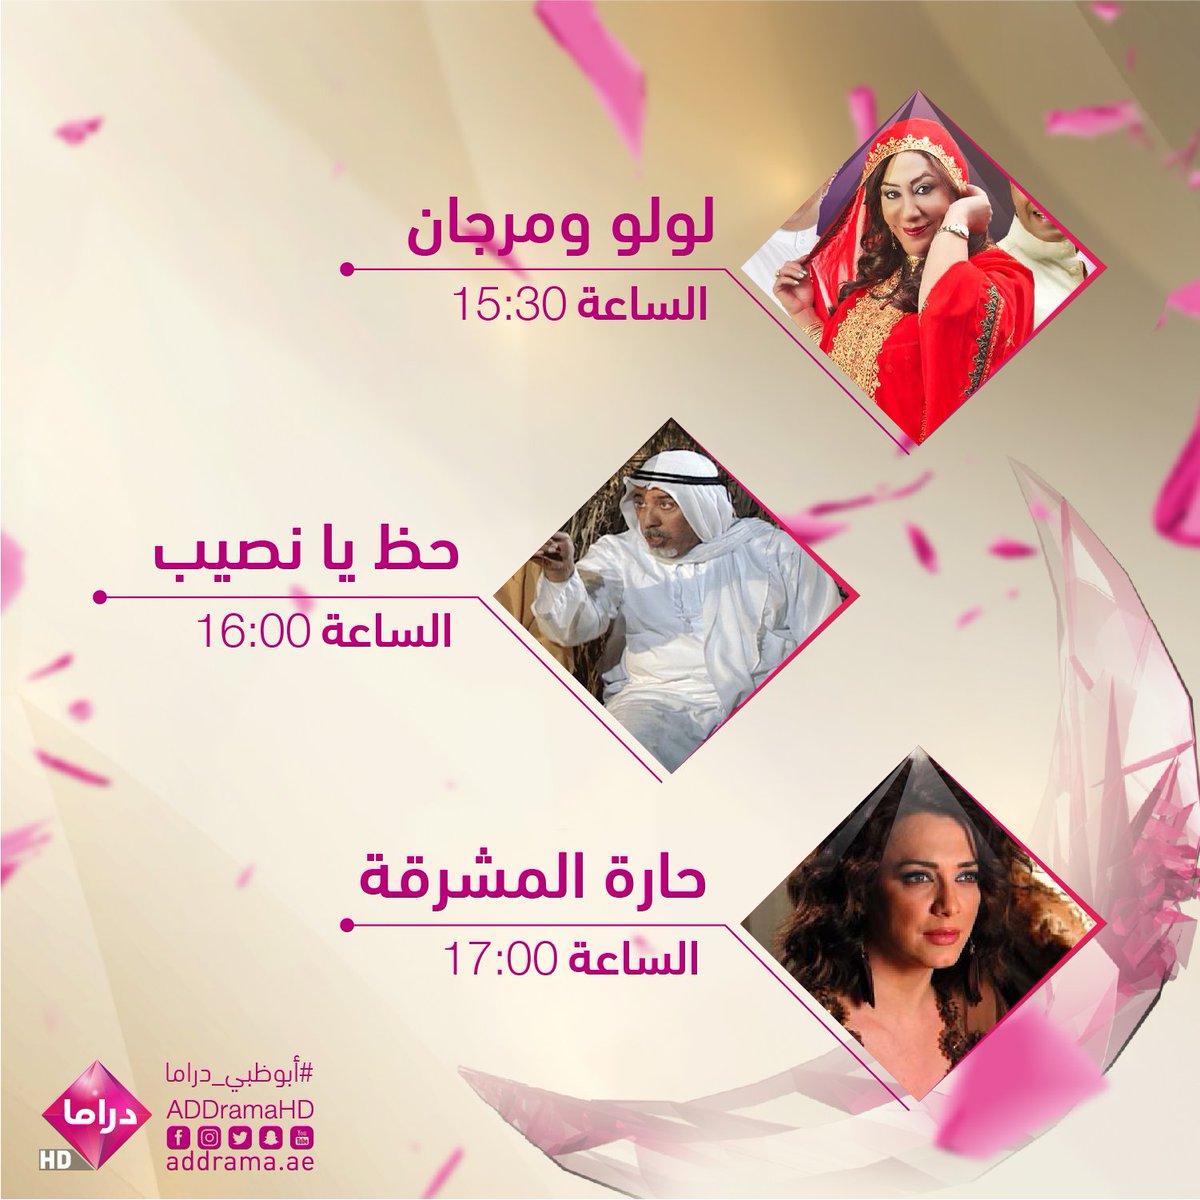 قناة ابو ظبي دراما مشاهدة قناة أبوظبى دراما بث مباشر